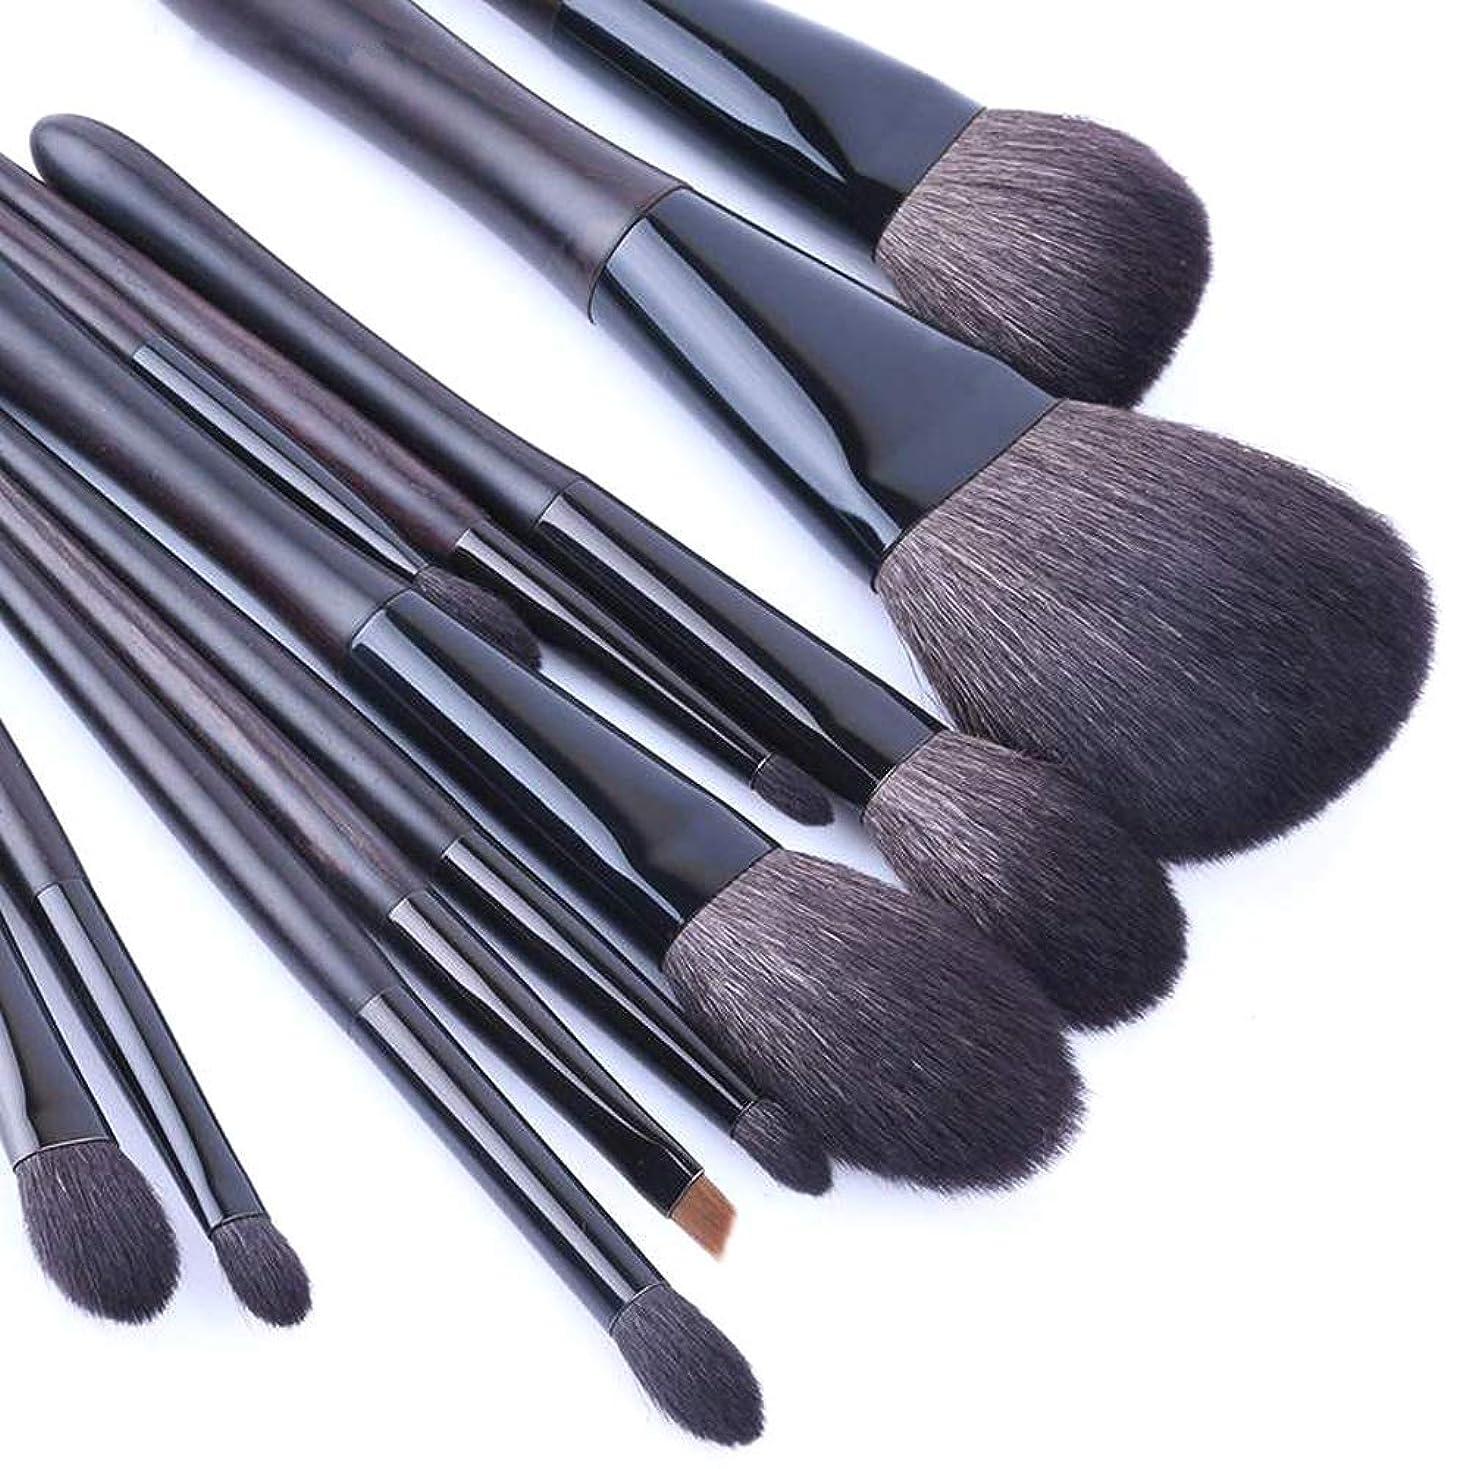 ジャングル高原ペフBTXXYJP メイクブラシ 化粧筆 日常メイク 多機能 軽量 柔らかい ブラシ 12本セット